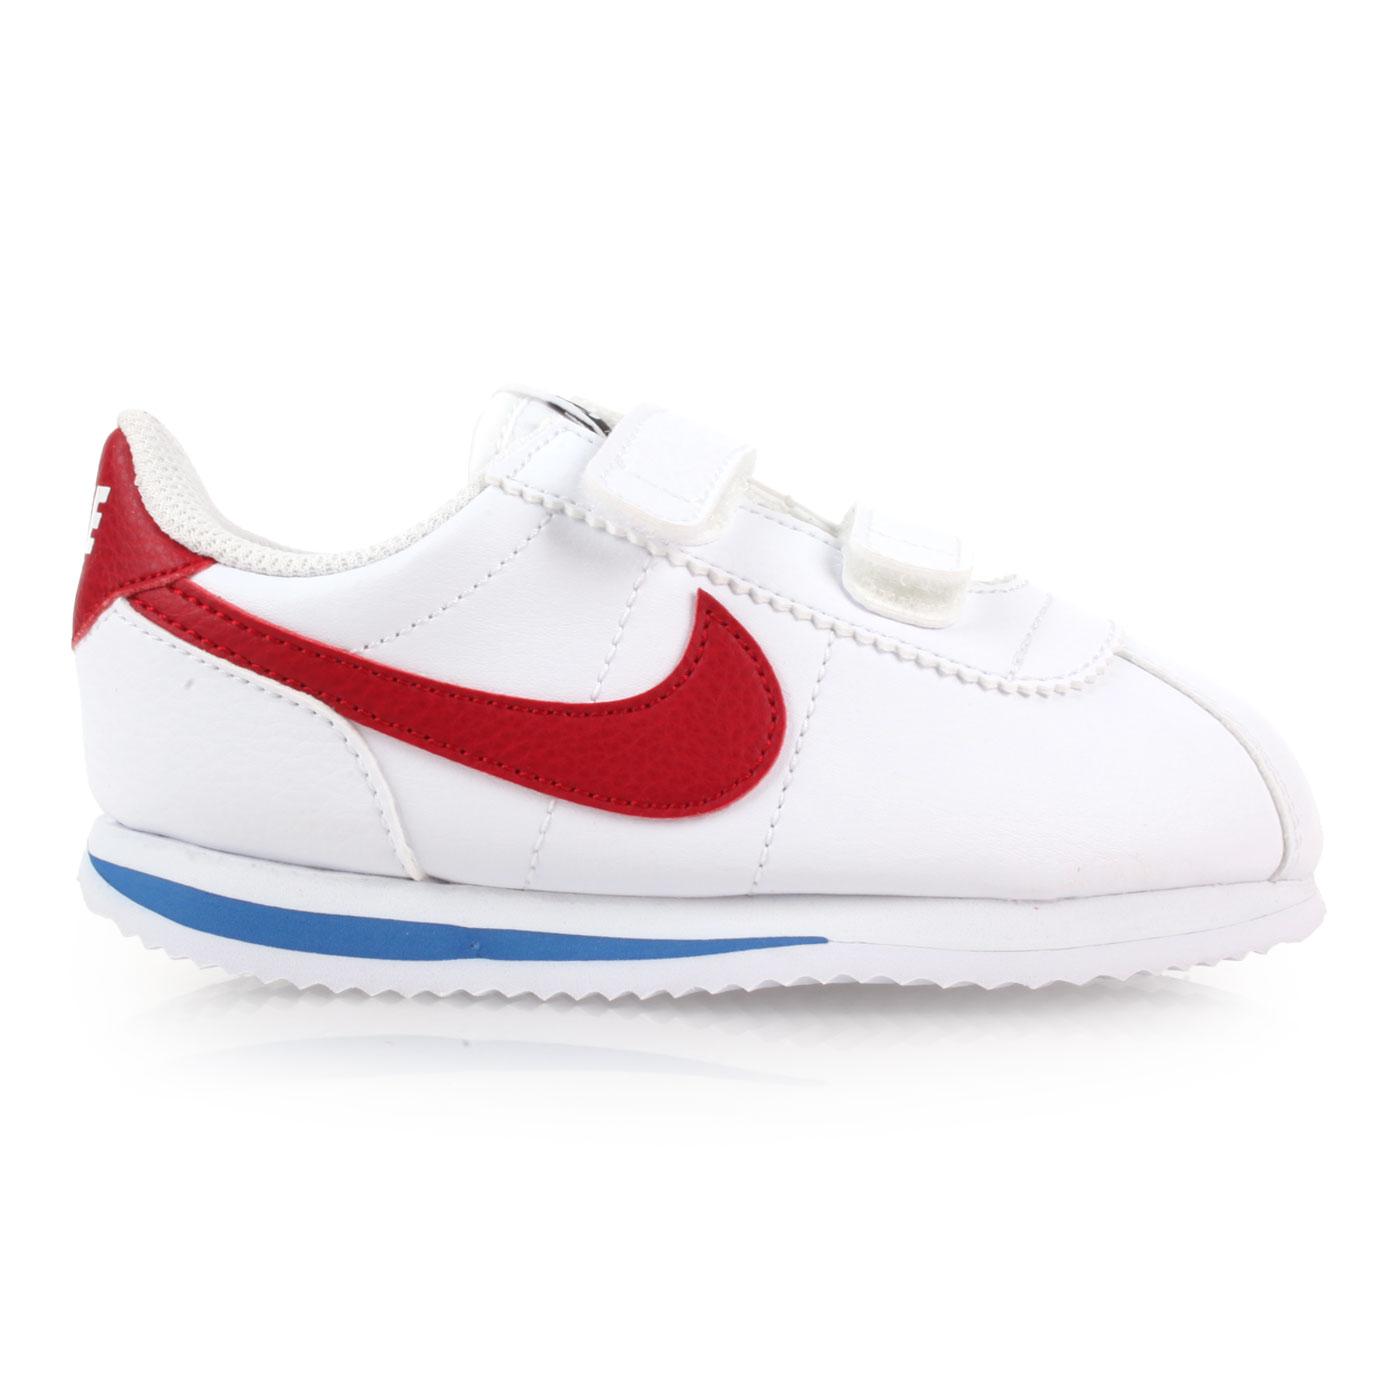 NIKE 兒童復古休閒鞋  @CORTEZ BASIC SL (TDV)@904769103